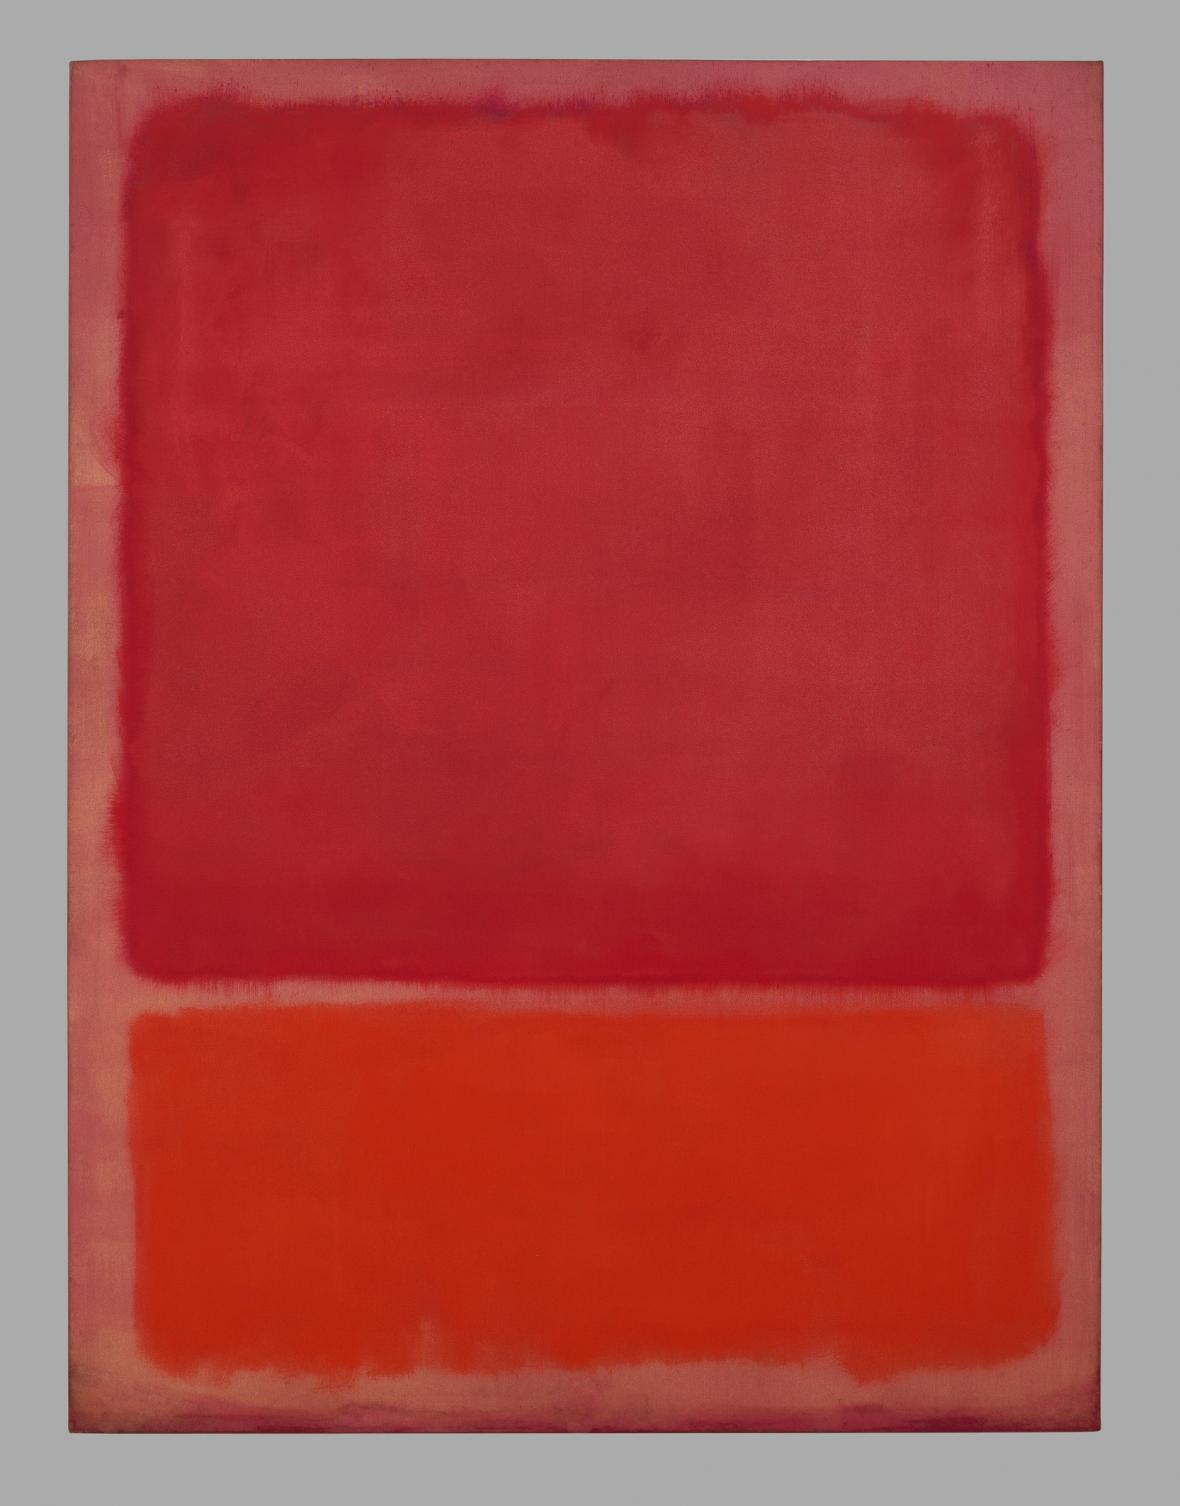 Bez názvu (Červená, Oranžová), 1968